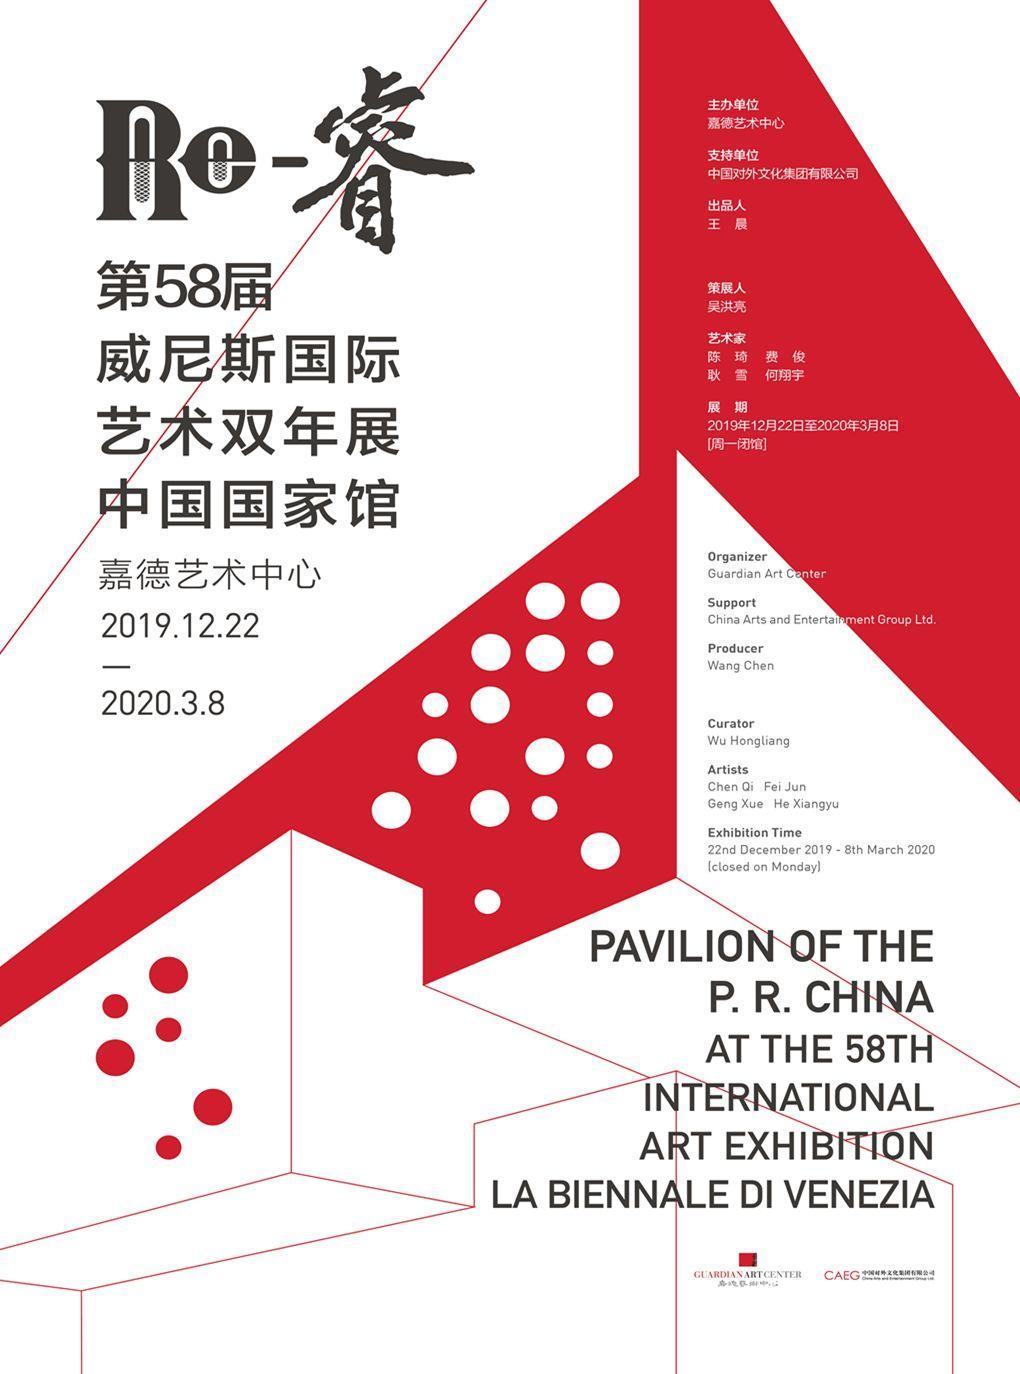 威尼斯国际艺术双年展中国国家馆巡展